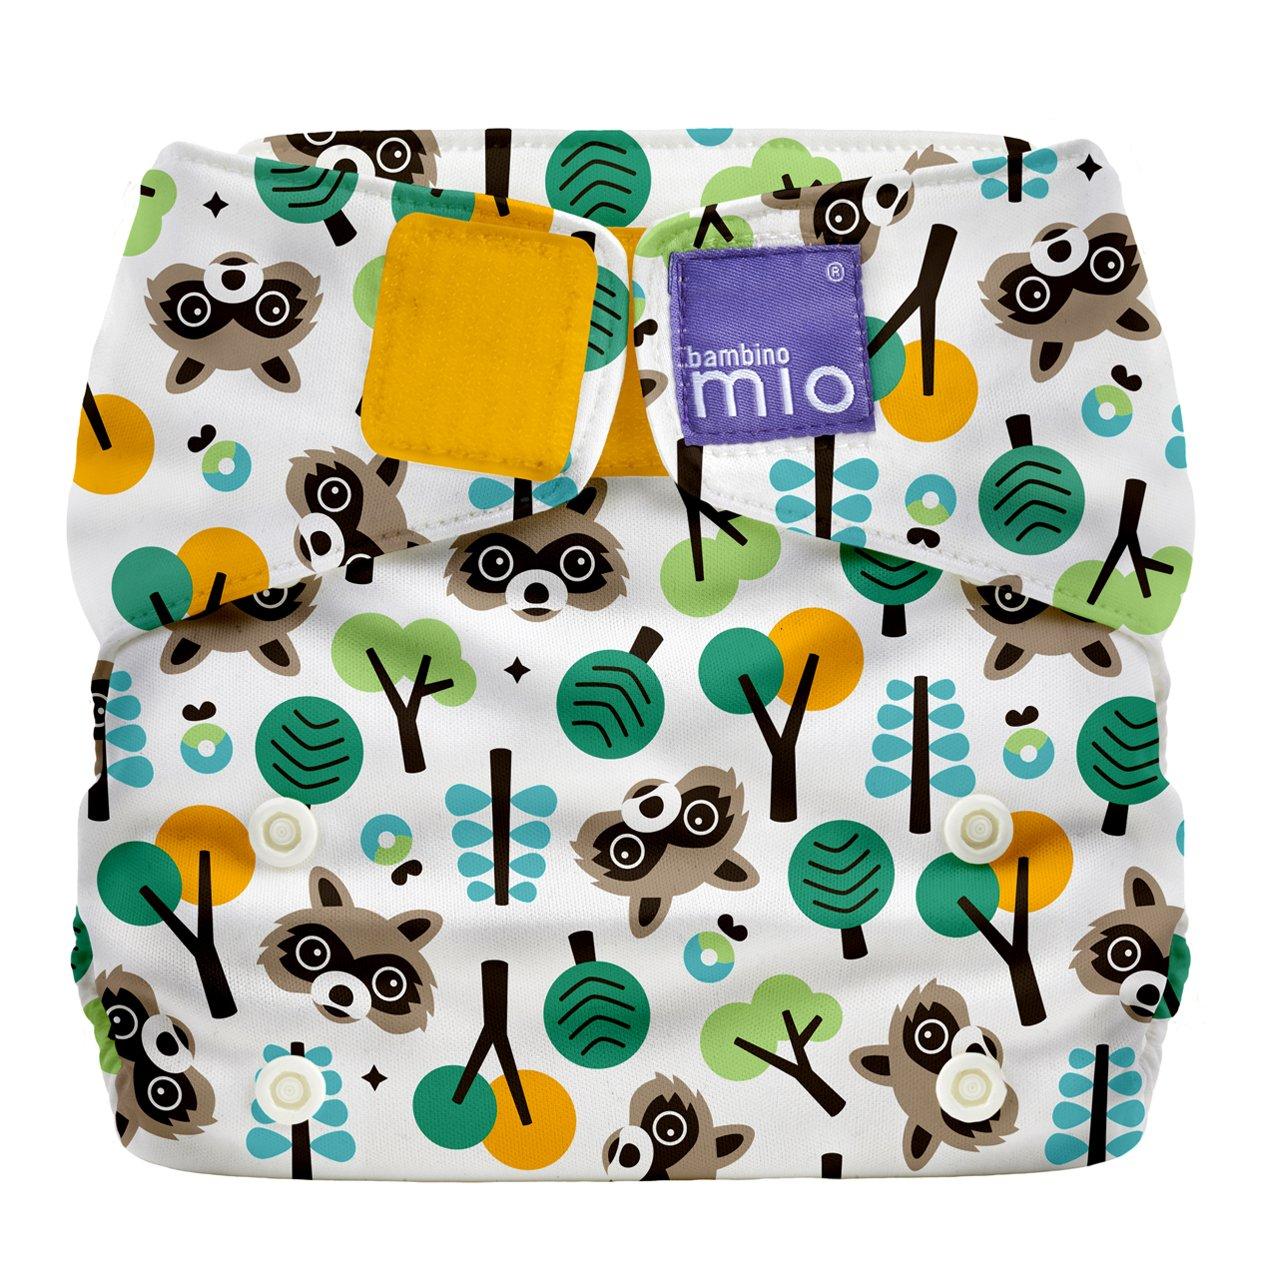 Bambino Mio Miosolo All-in-One Cloth Diaper Hummingbird